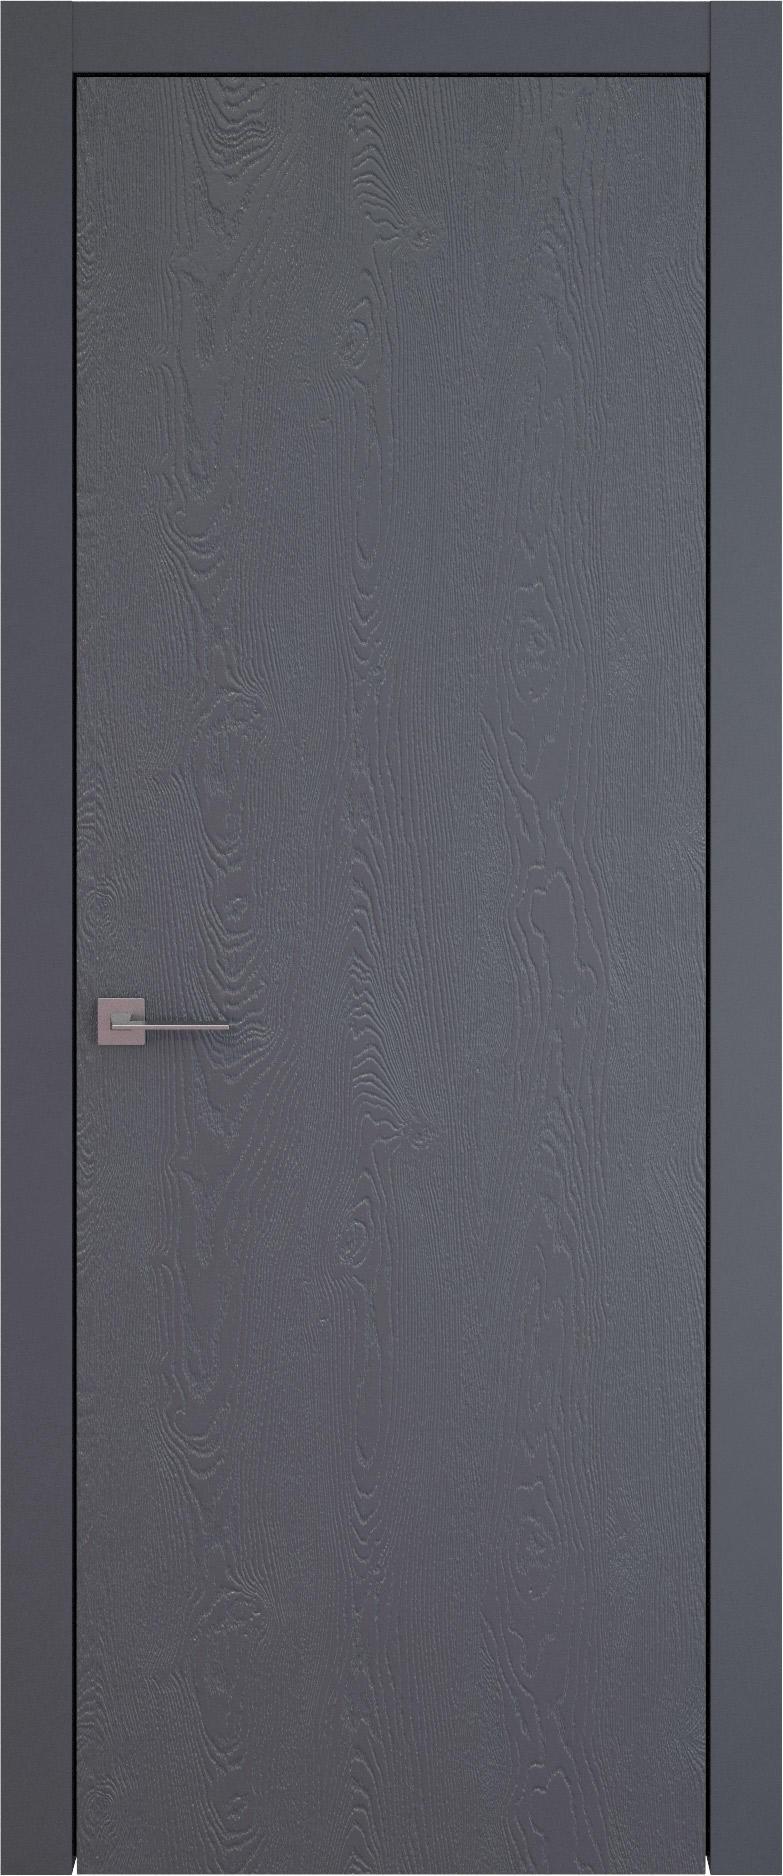 Tivoli А-1 цвет - Графитово-серая эмаль по шпону (RAL 7024) Без стекла (ДГ)